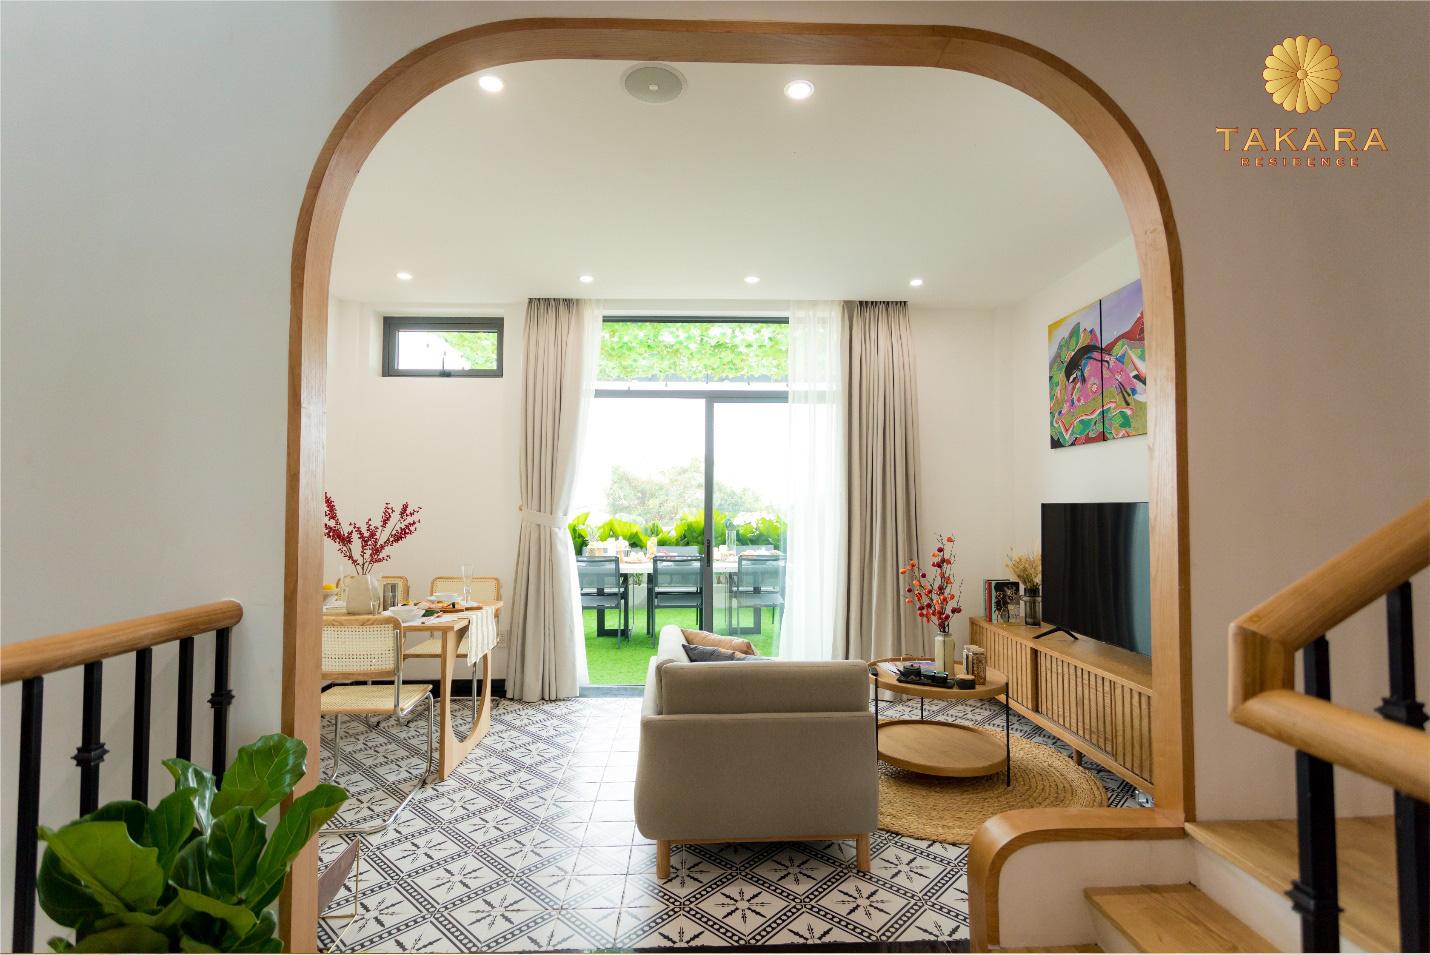 Takara Residence: Gia tăng giá trị từ hệ sinh thái theo phong cách Nhật - Ảnh 5.